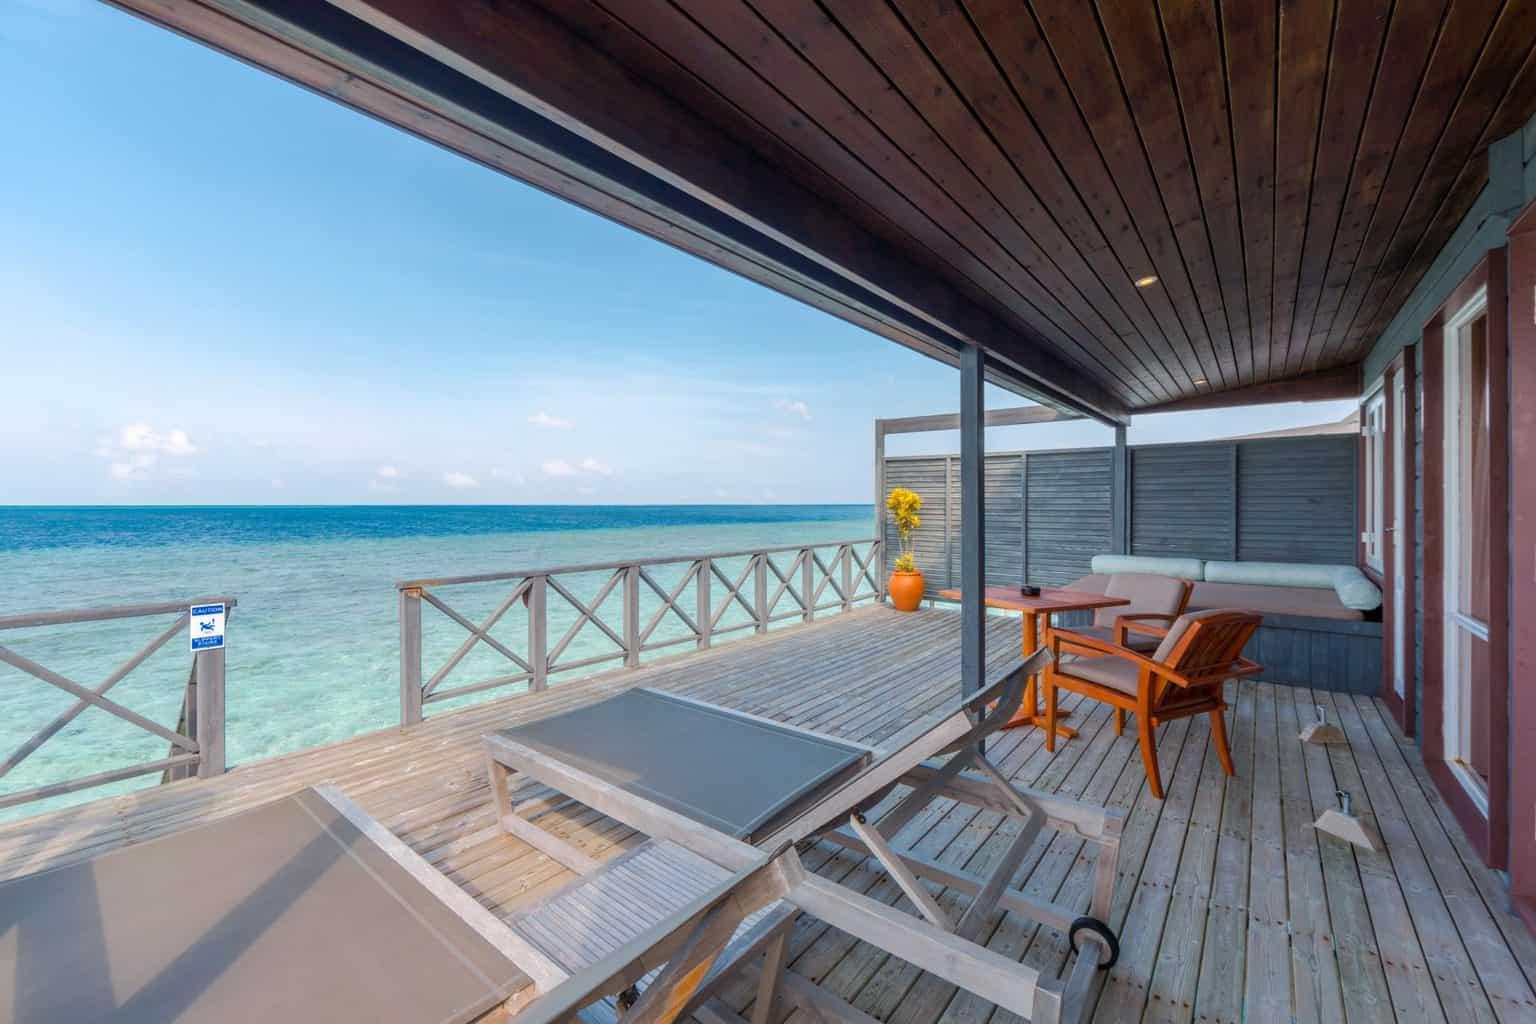 Maldives Diving Holidays Komandoo